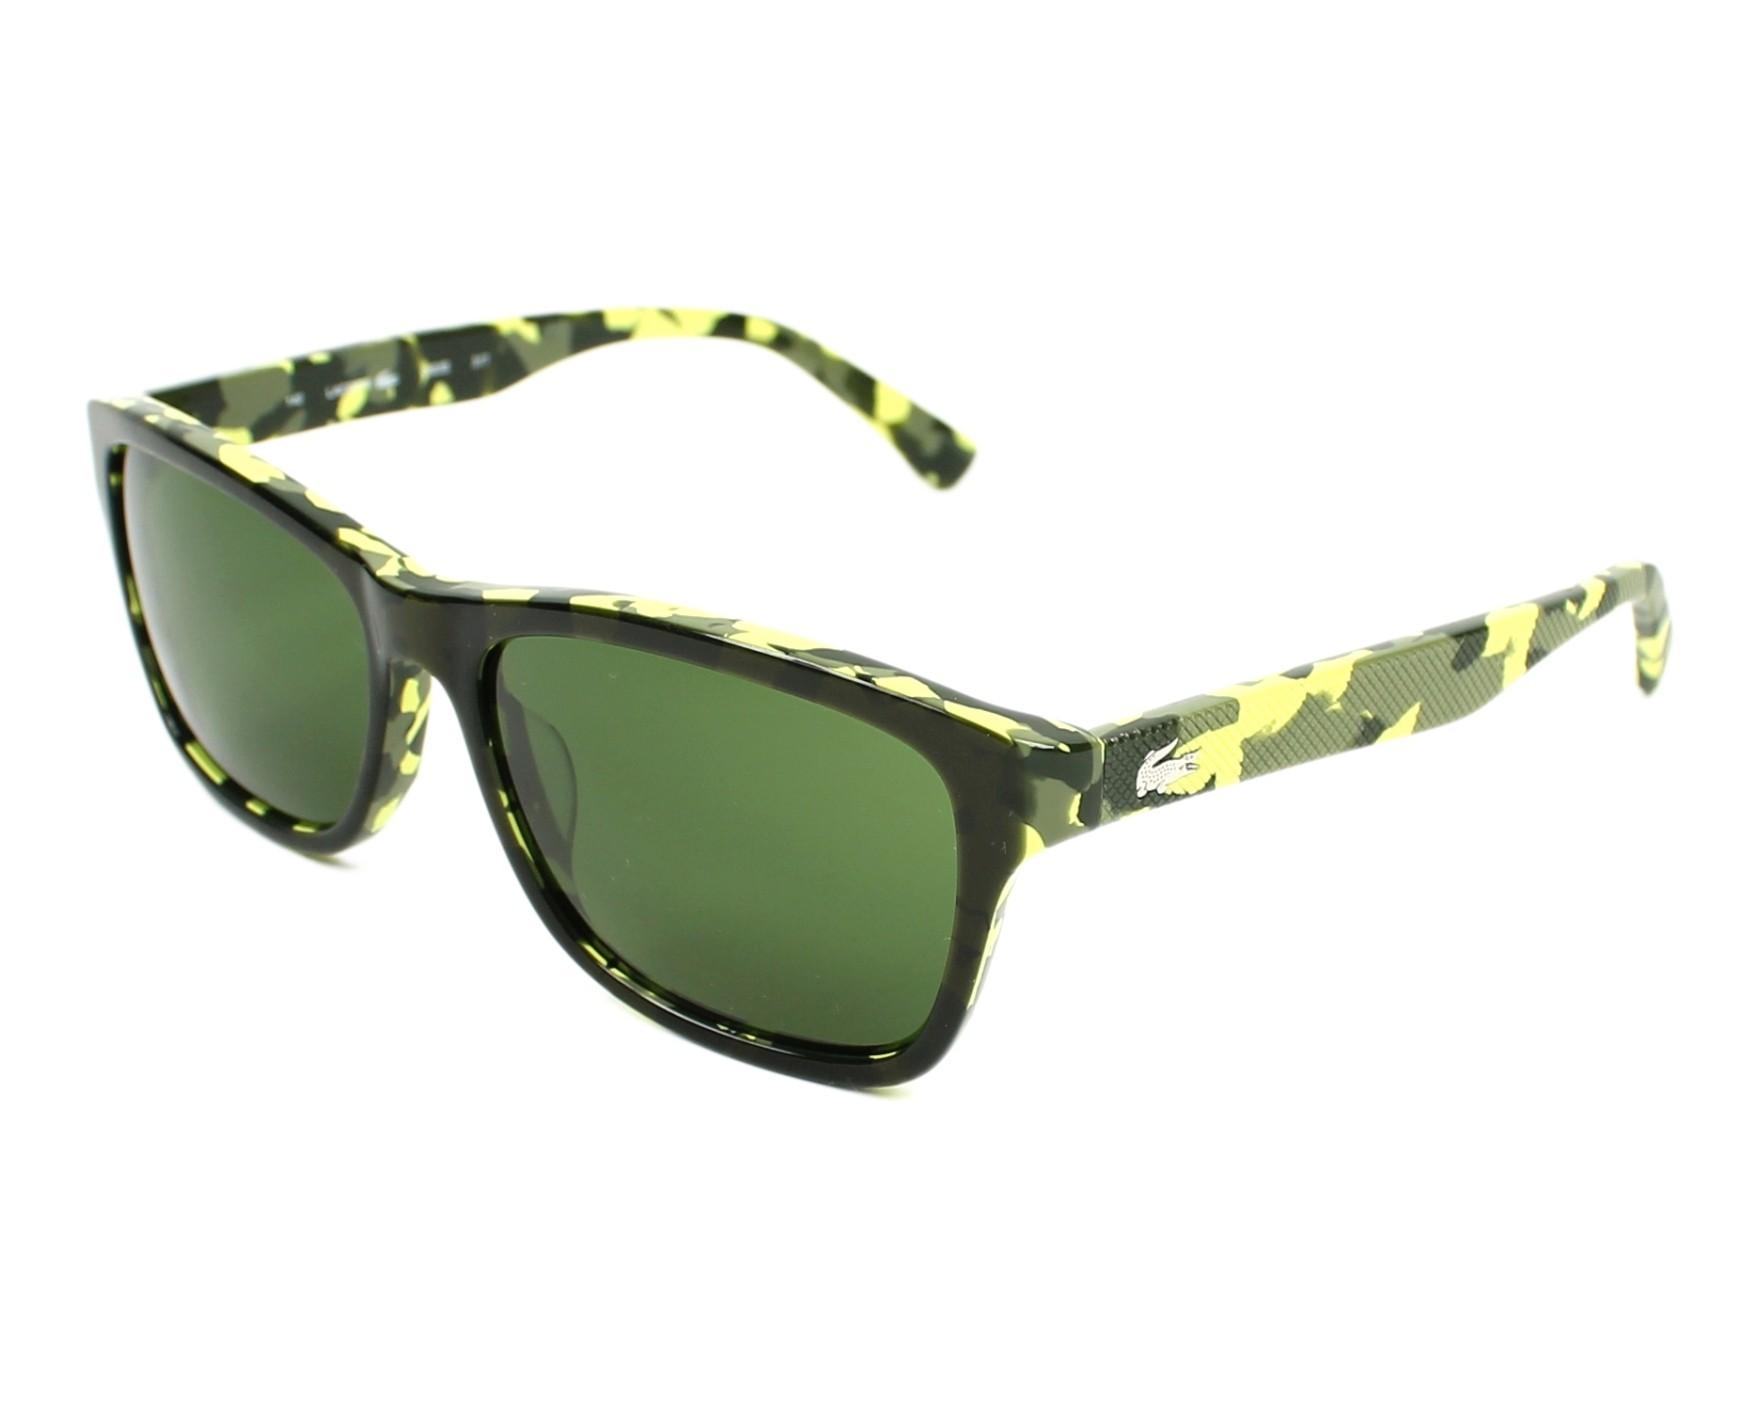 lunettes de soleil lacoste l 683 s 317 vert avec des verres vert pour mixte. Black Bedroom Furniture Sets. Home Design Ideas